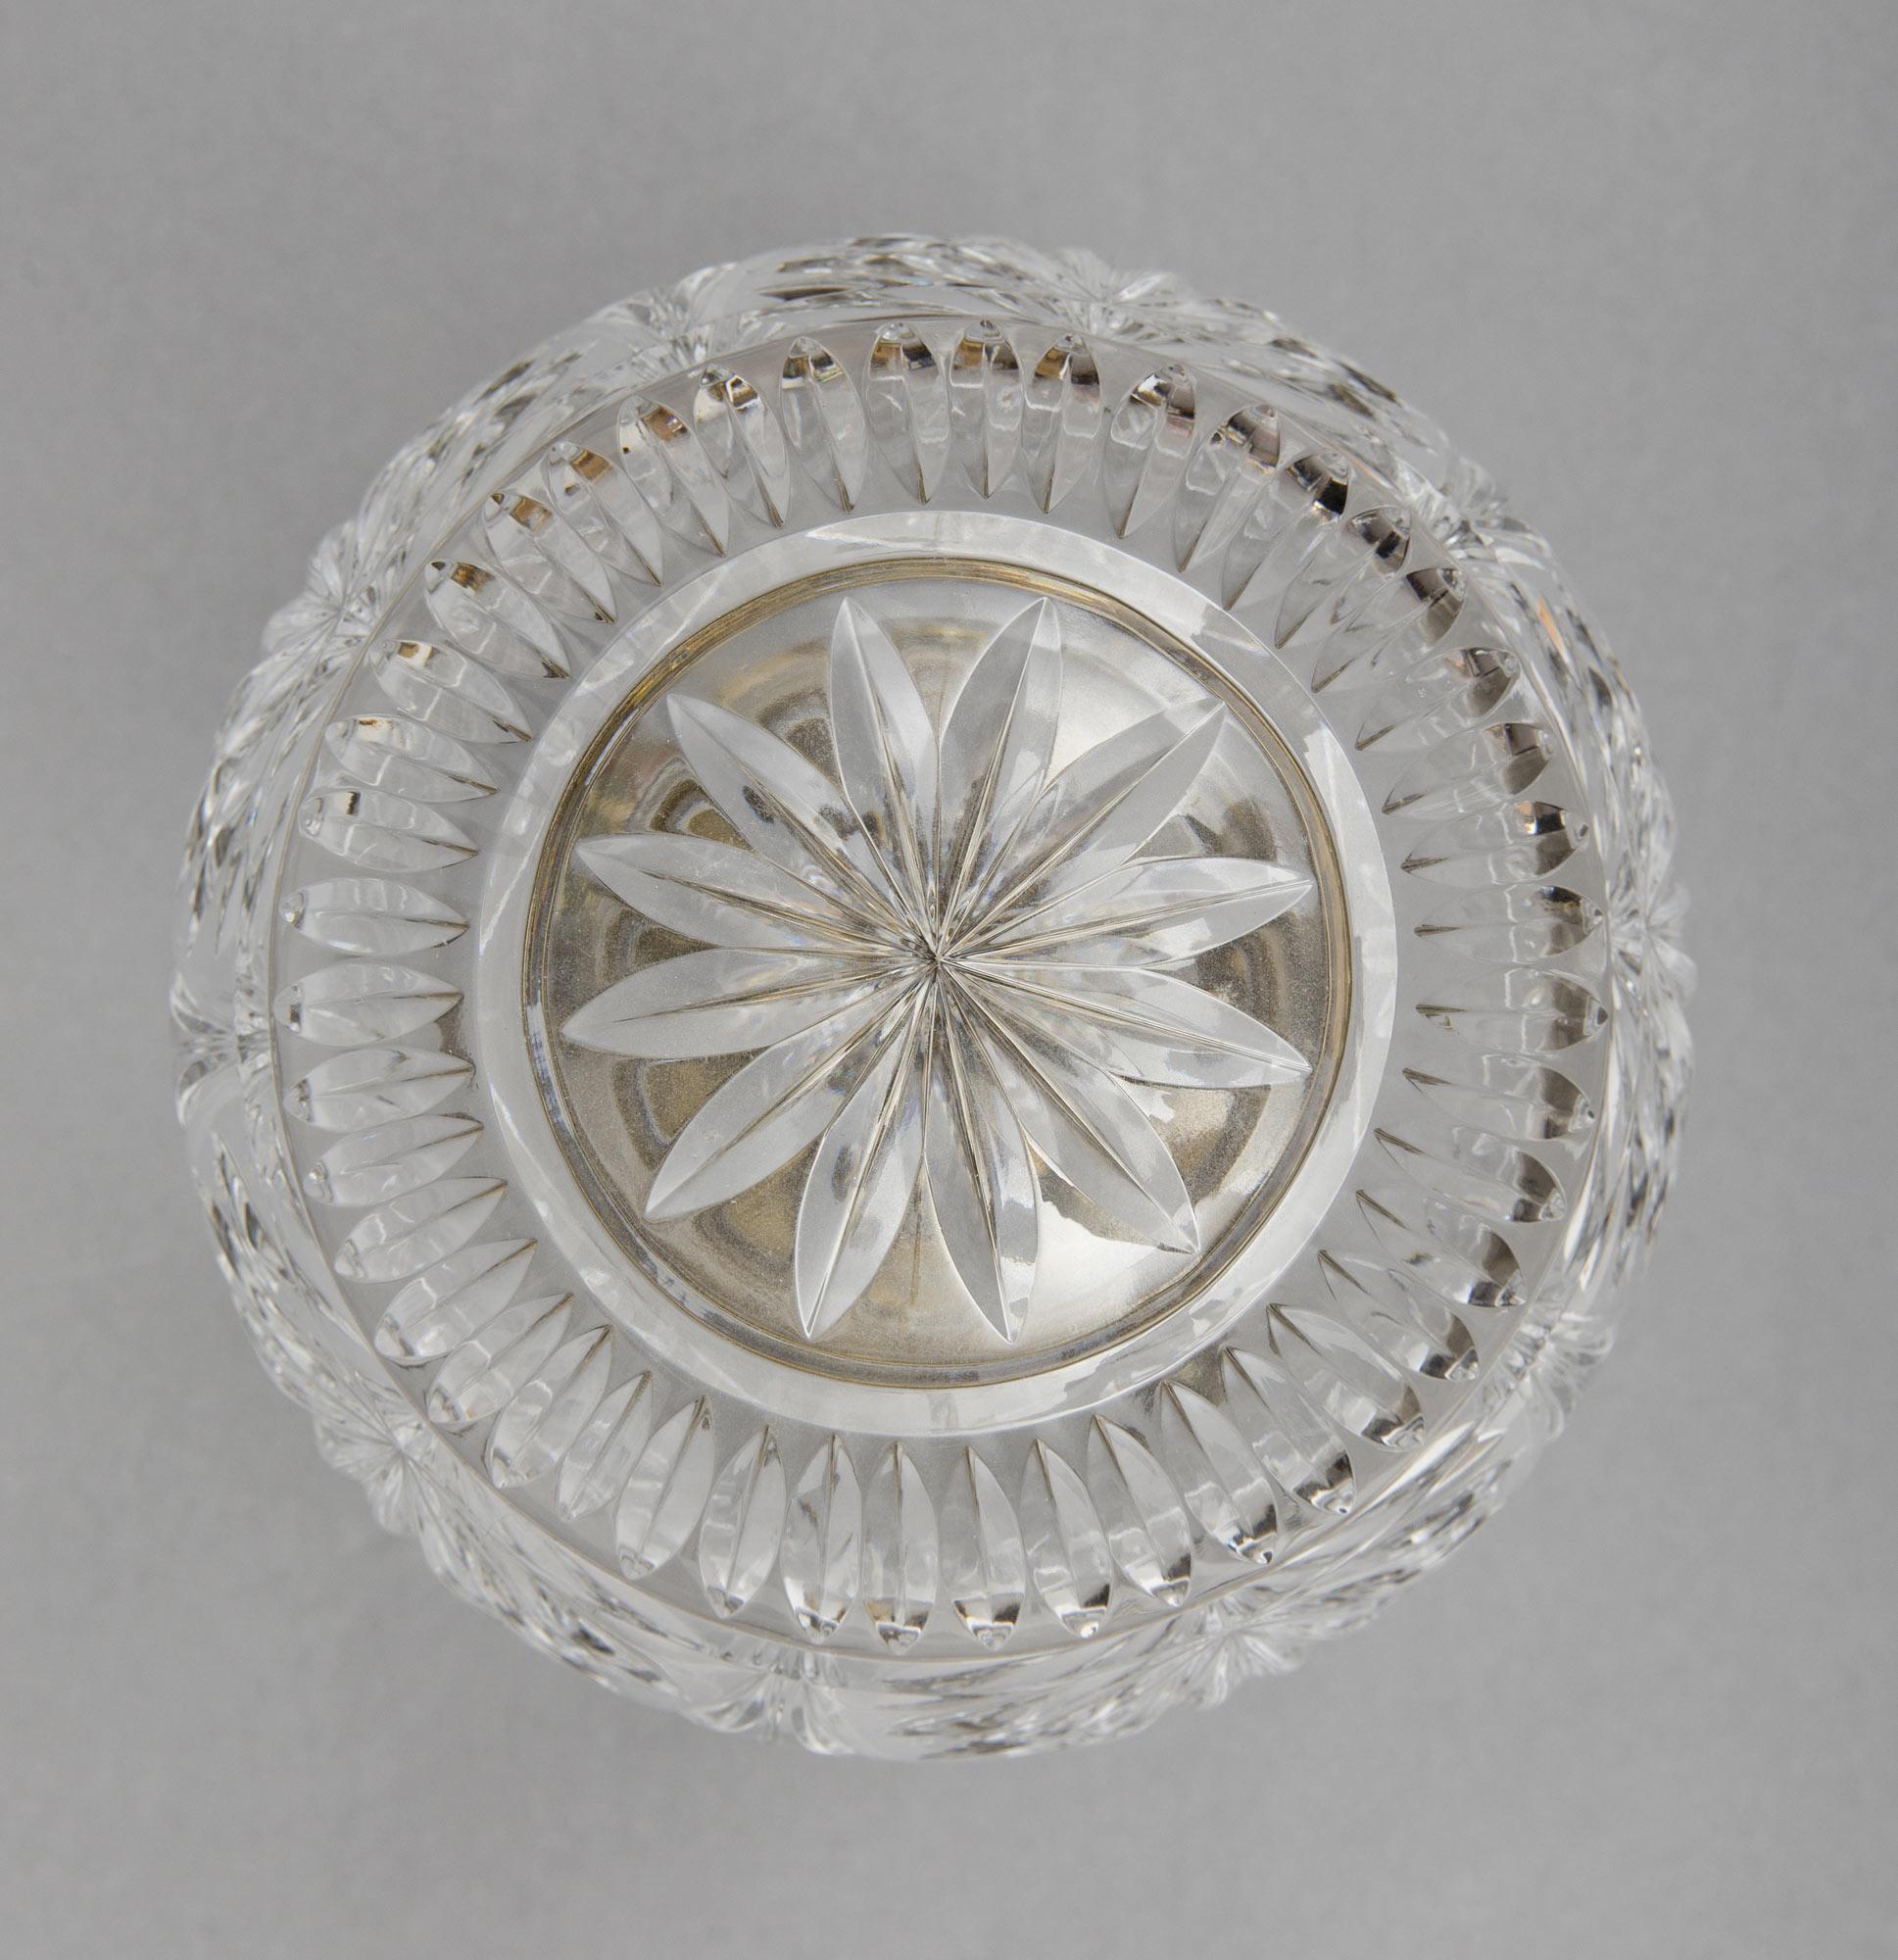 Antique Cut Glass Ceiling Light Antique Light Fixtures